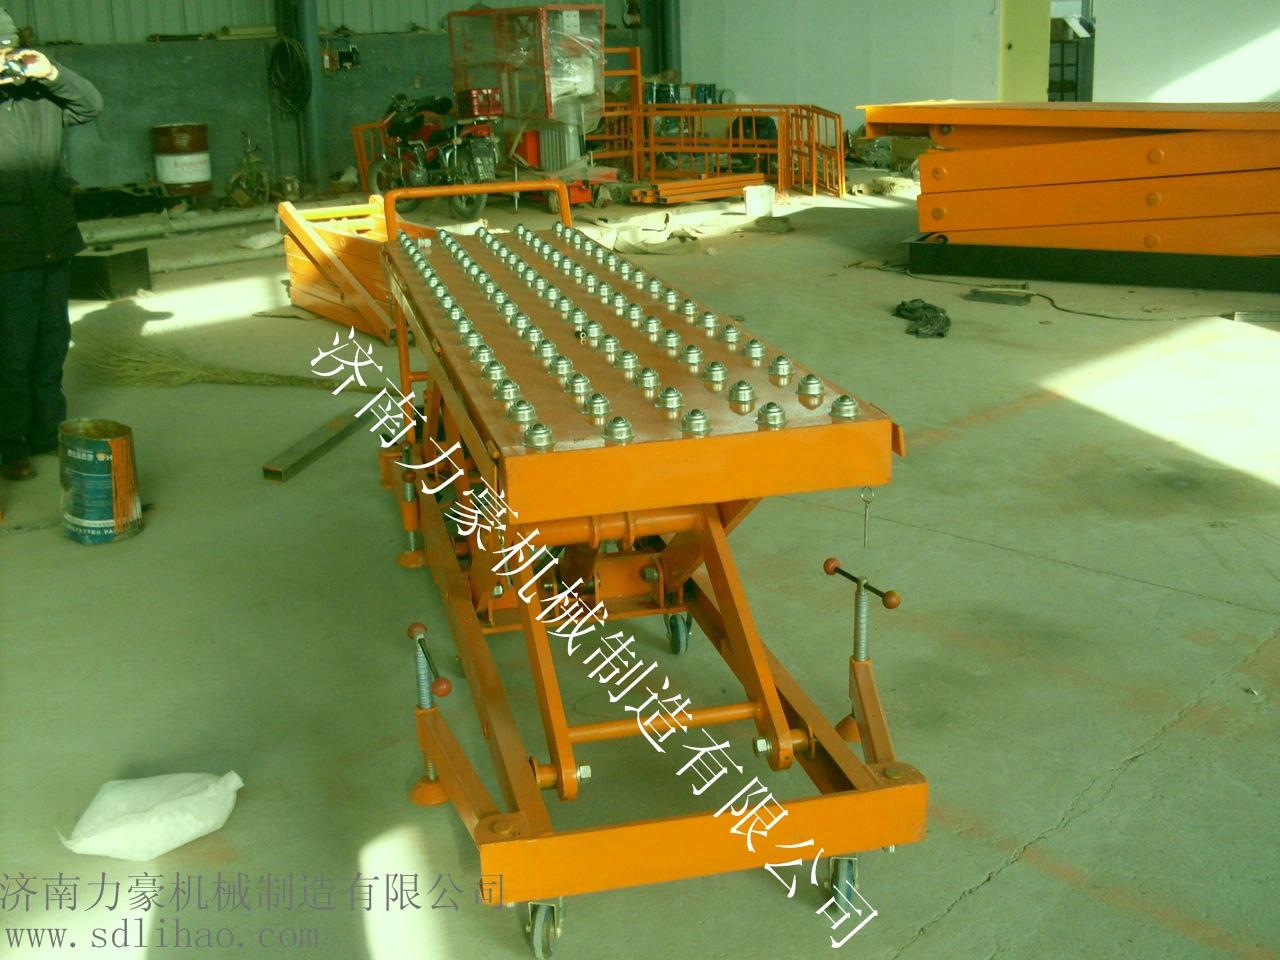 主要结构为剪叉式结构,可实现功能有    ●升降平台台面可安装滚筒和